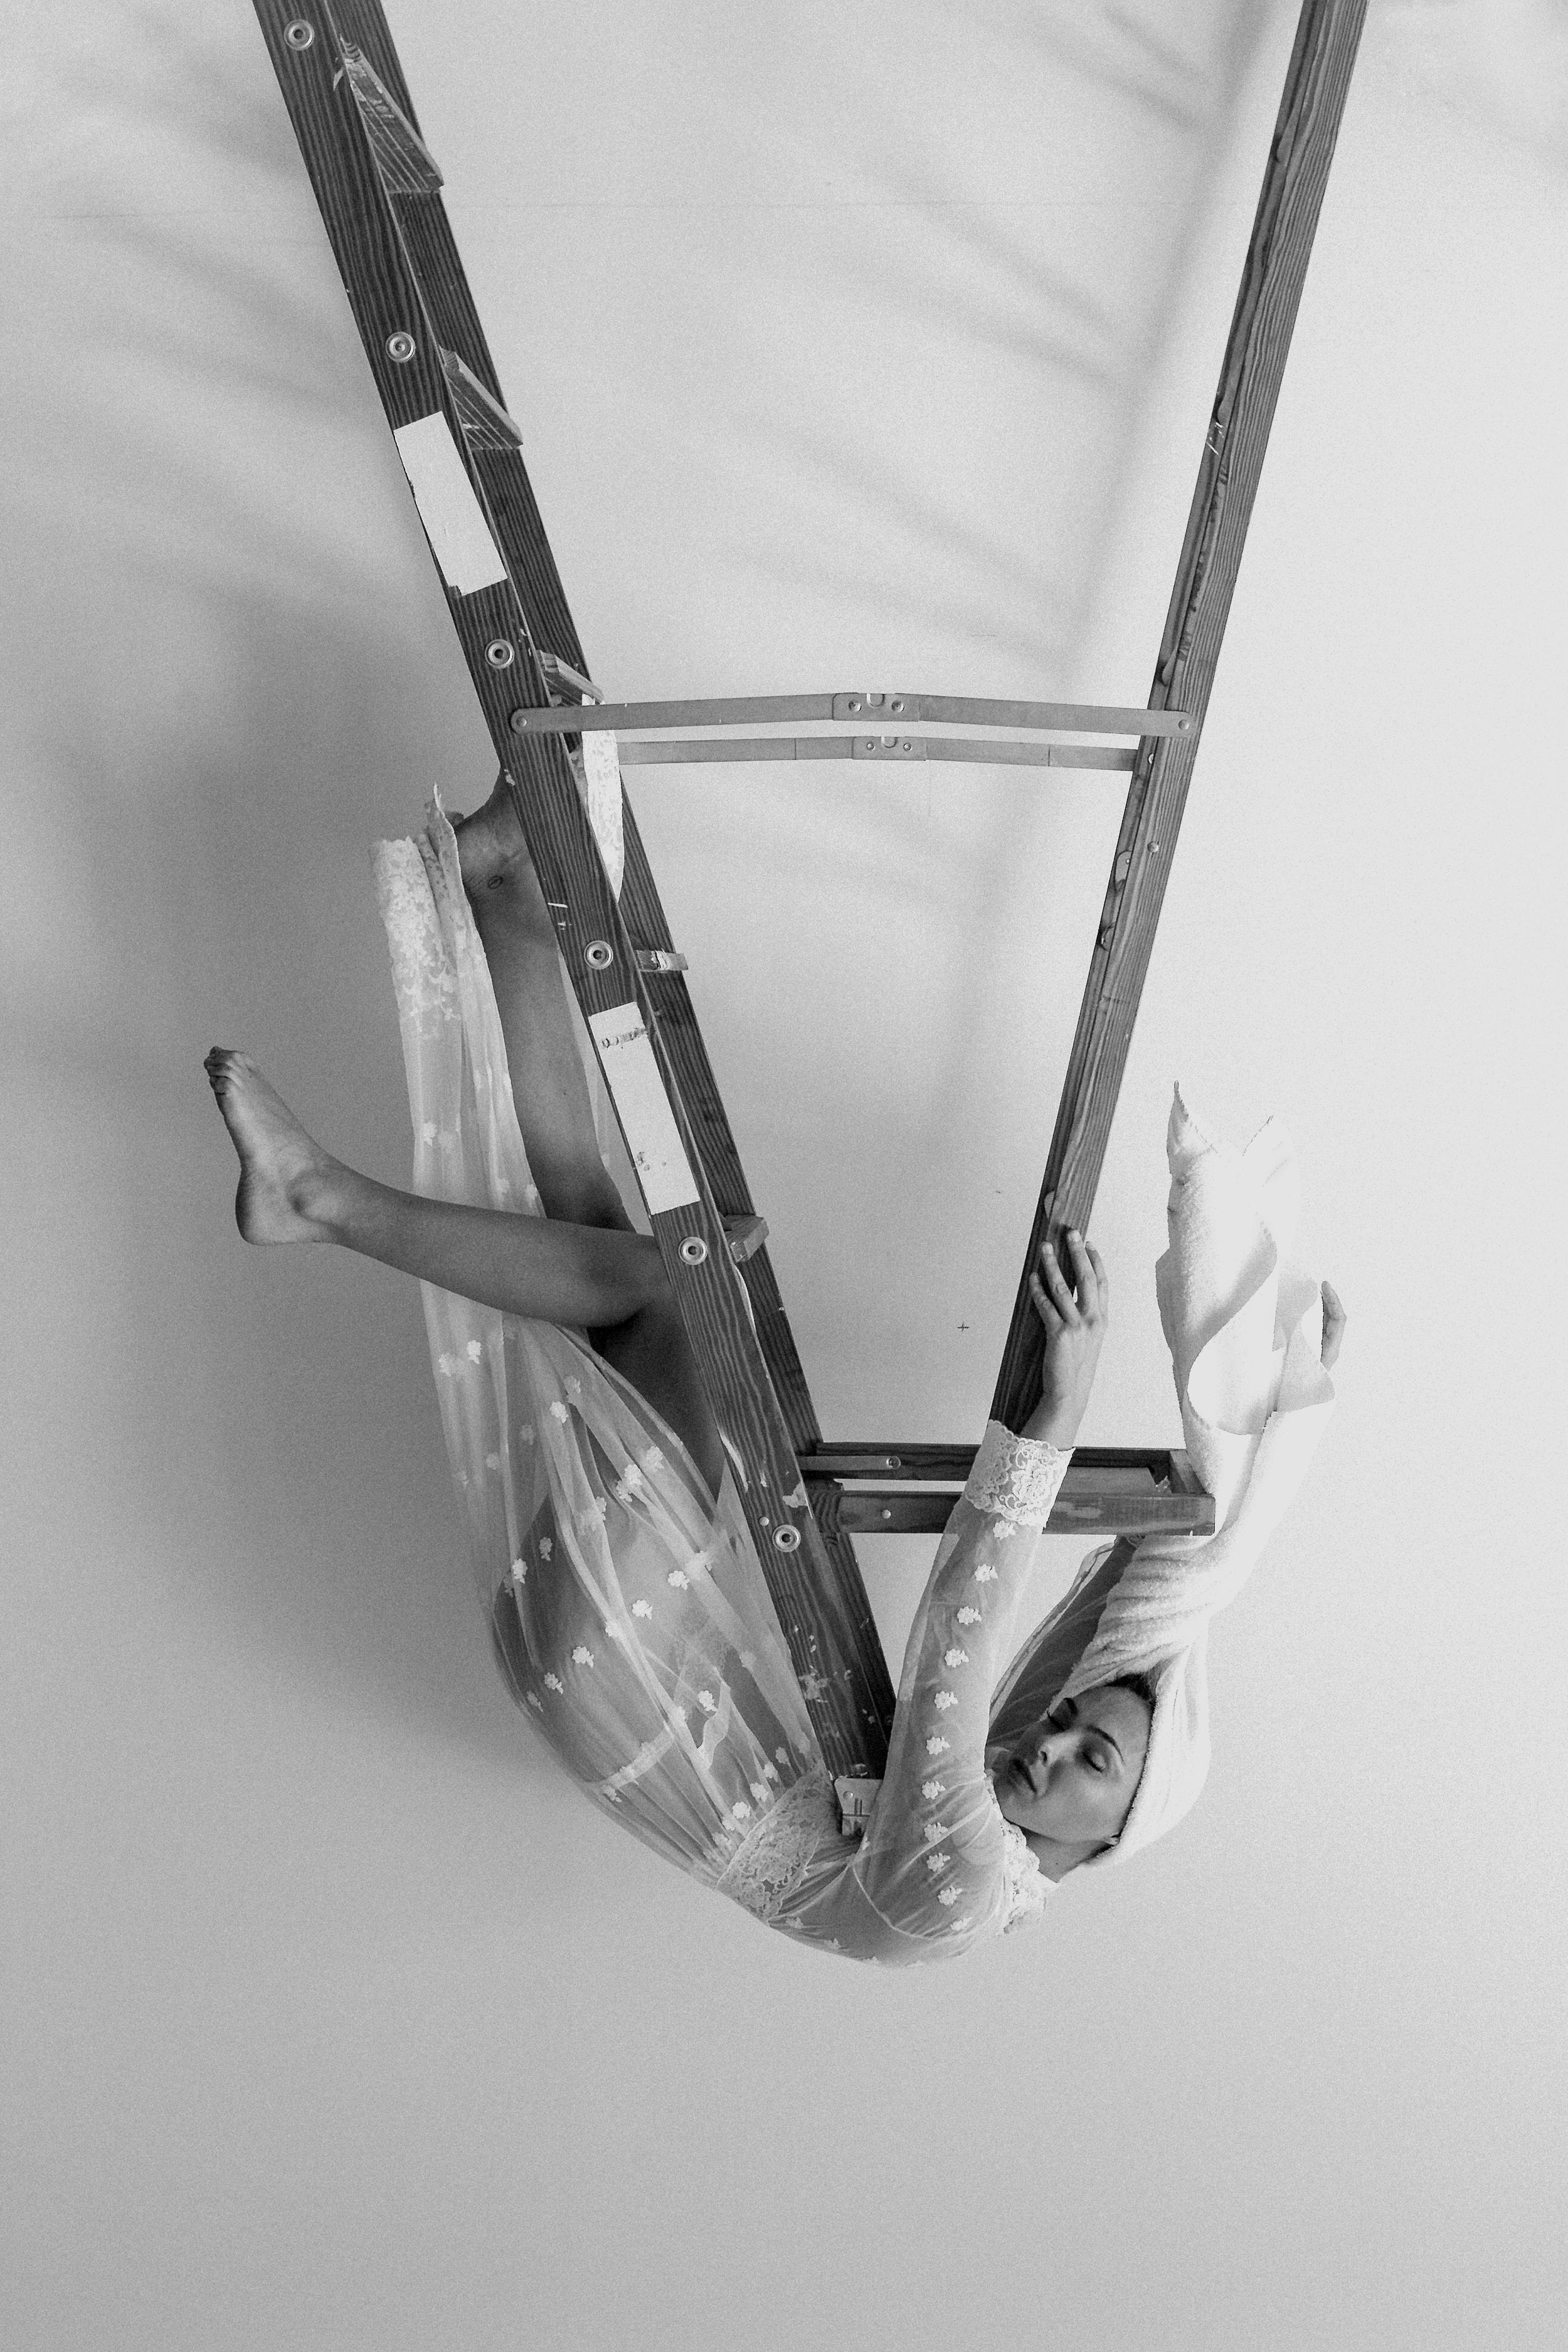 An Artist Irrepressible Altered Ego - A photostory piece by Garrick WongModel: Laurelei Overbeek